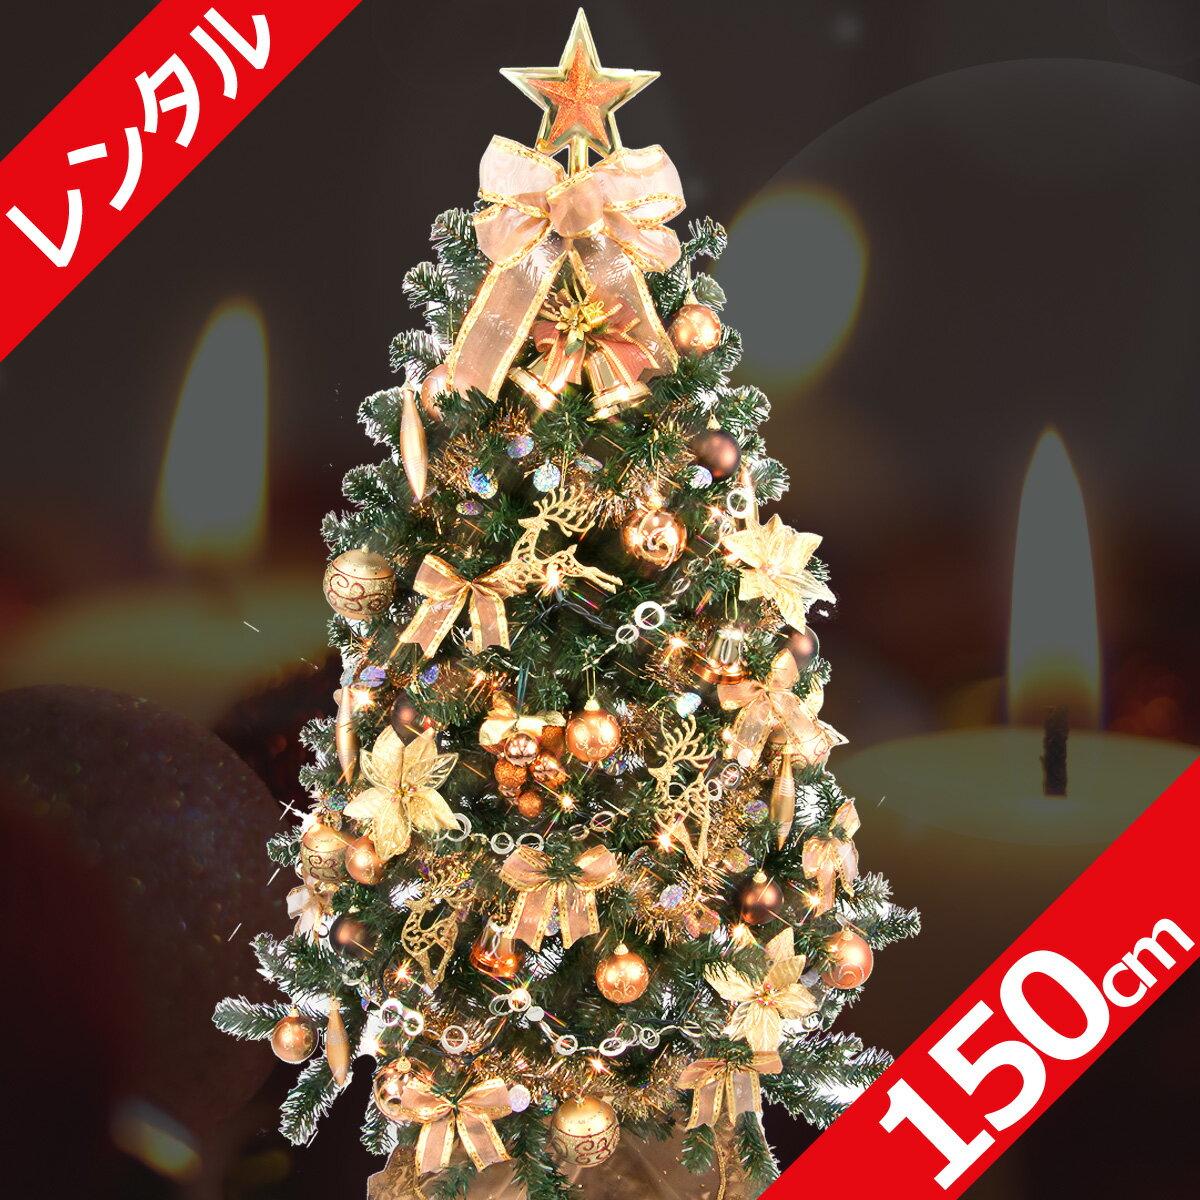 【レンタル】 クリスマスツリー セット 150cm ゴールド&コパー 【往復 送料無料】 クリスマスツリー レンタル fy16REN07